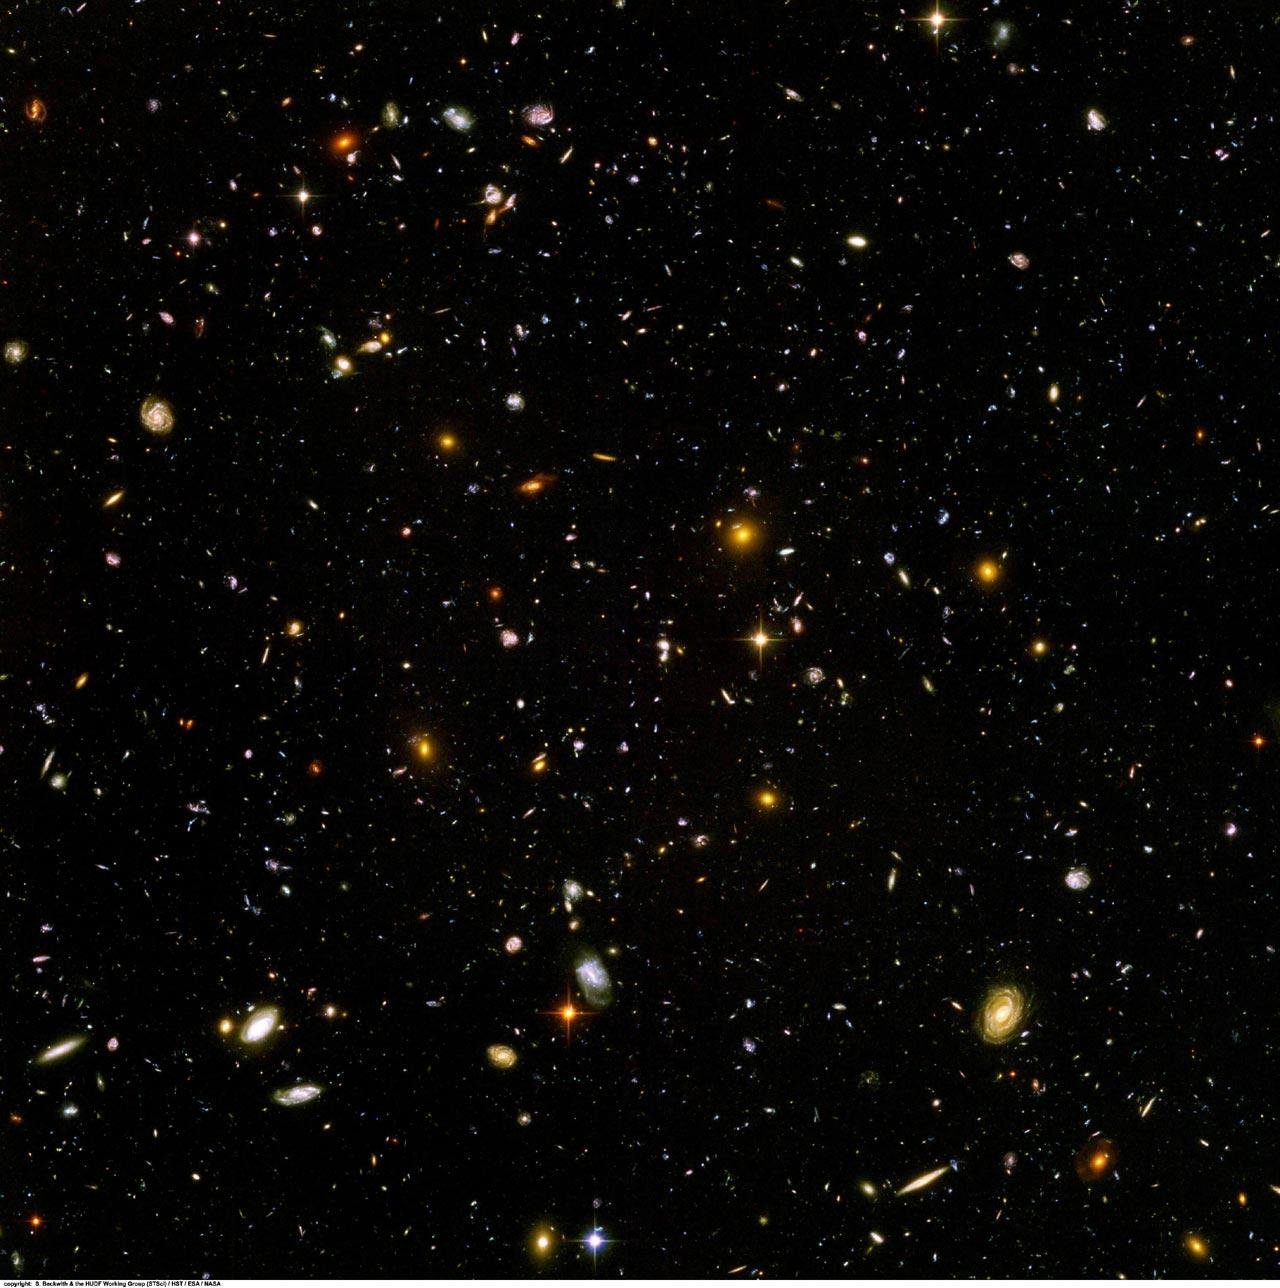 Снимок самых удалённых частей космоса